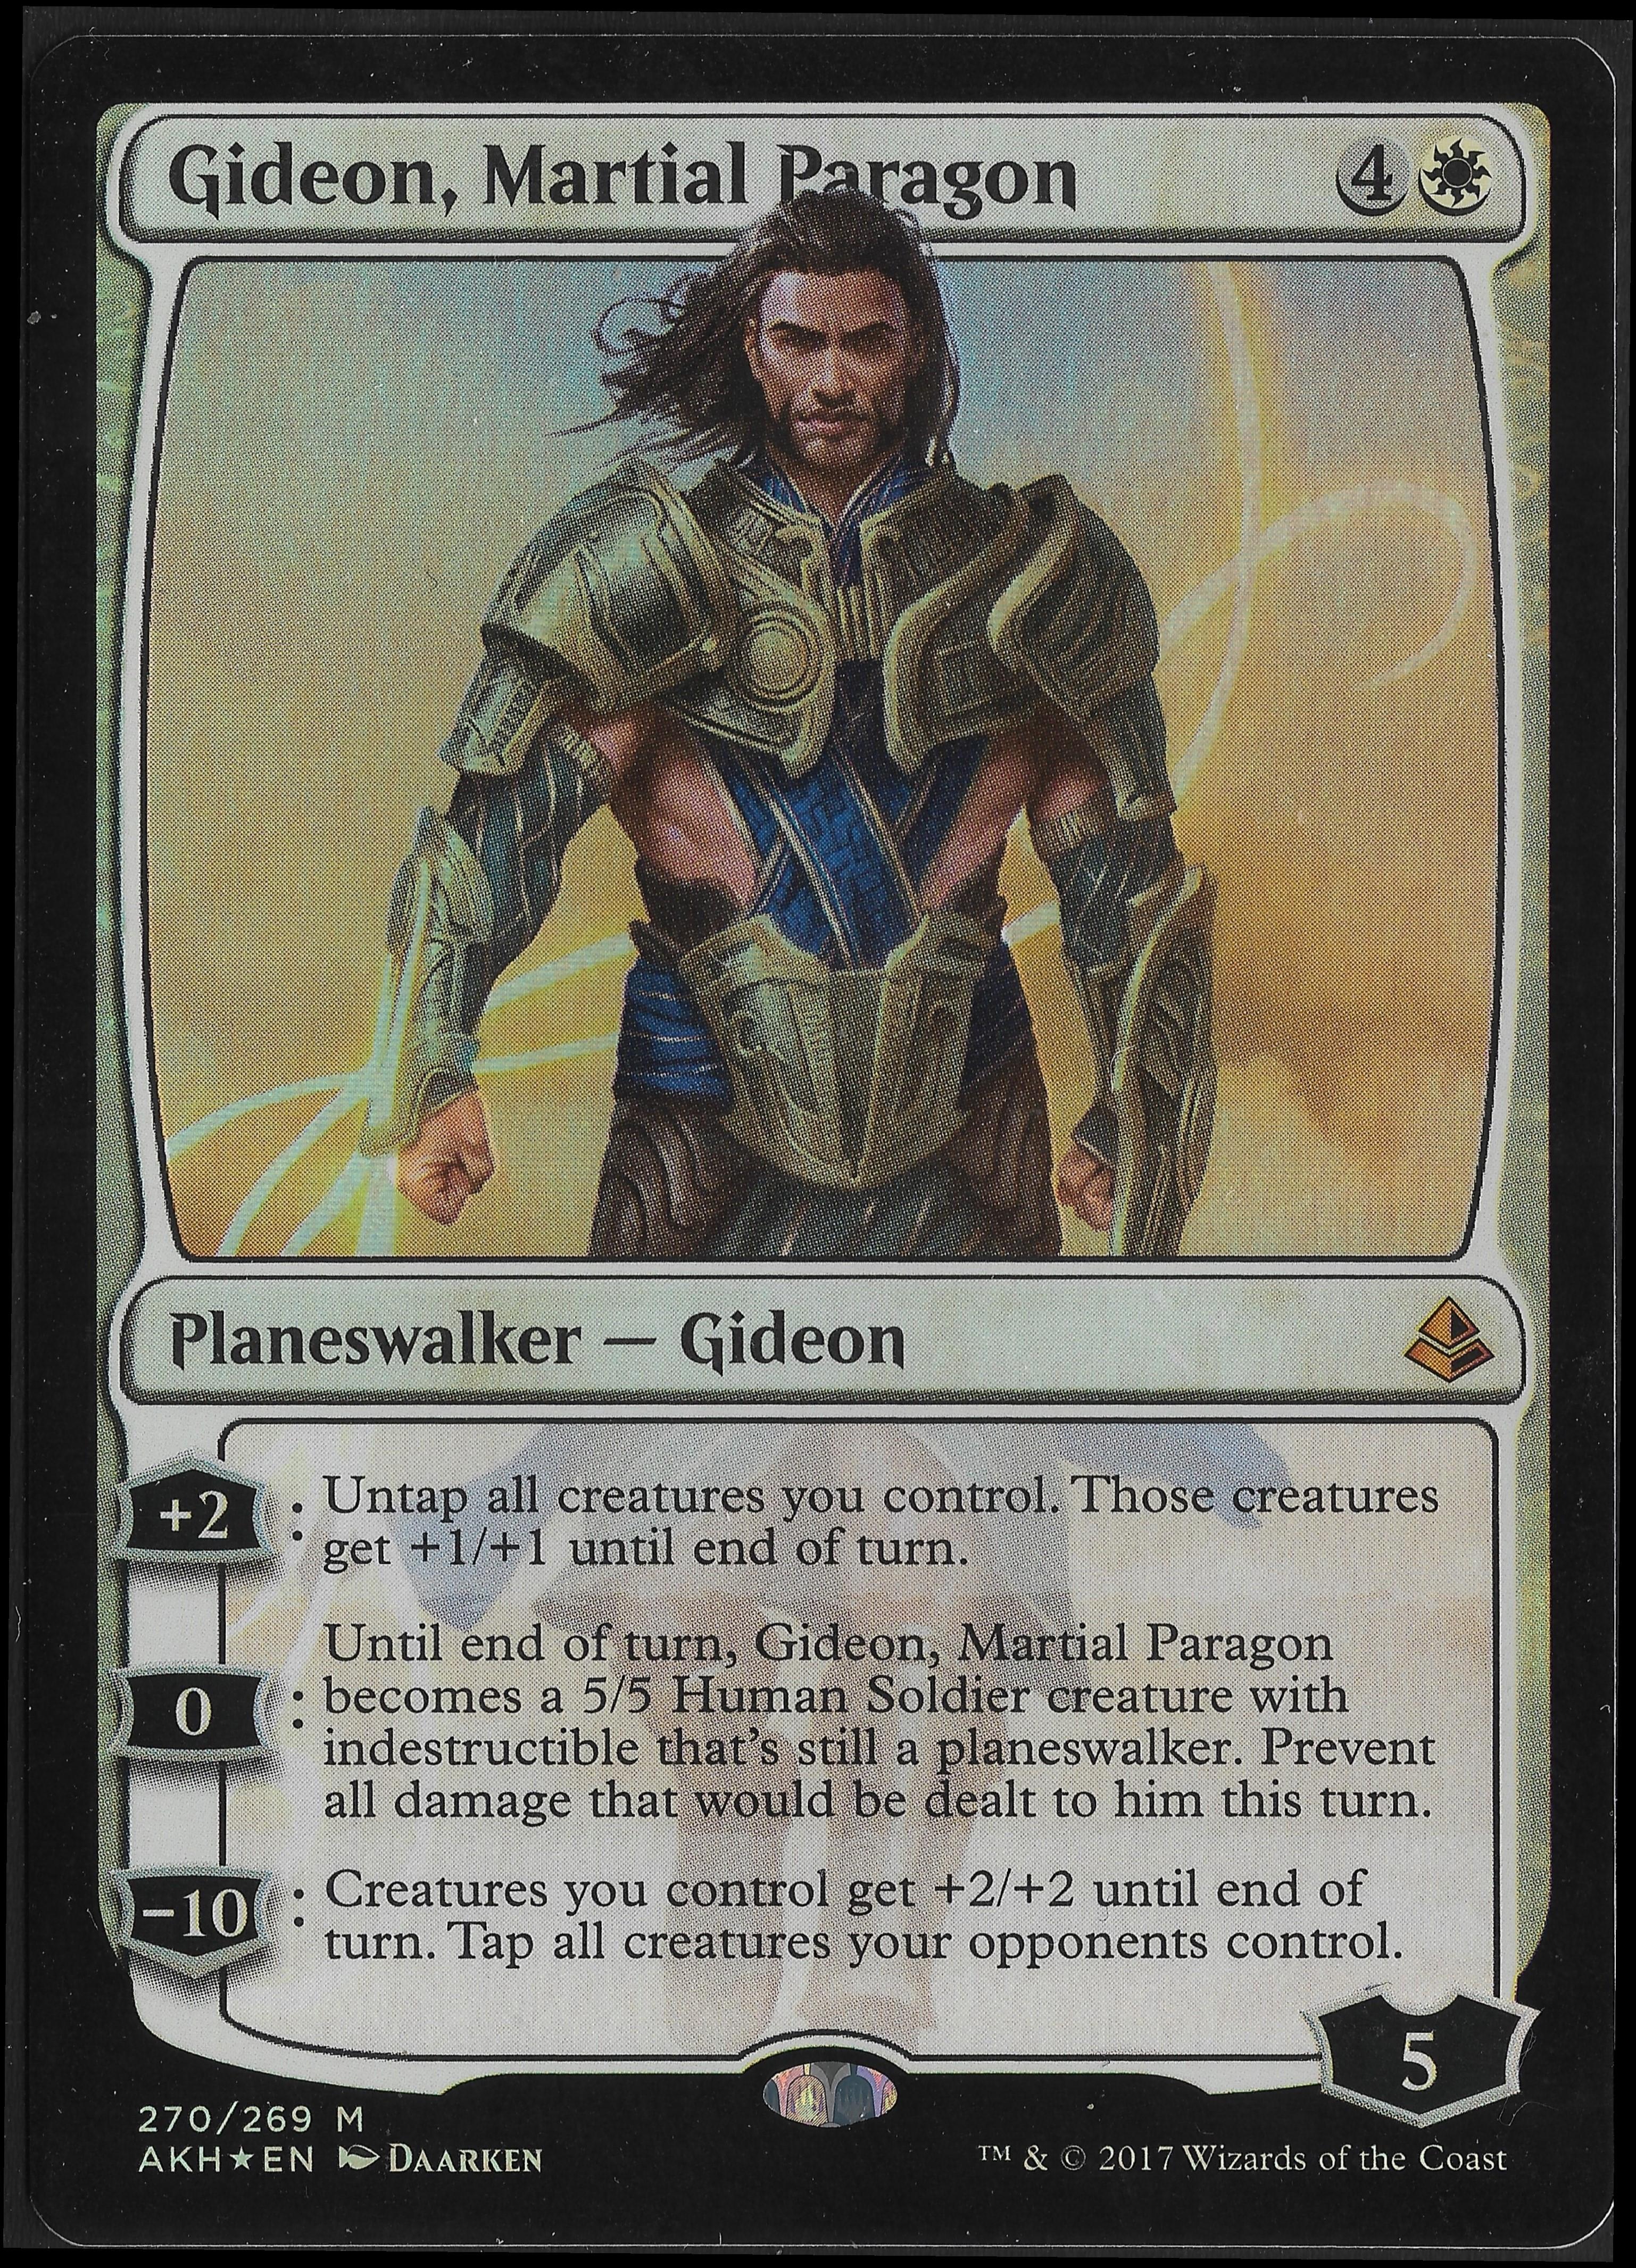 Gideon, Martial Paragon